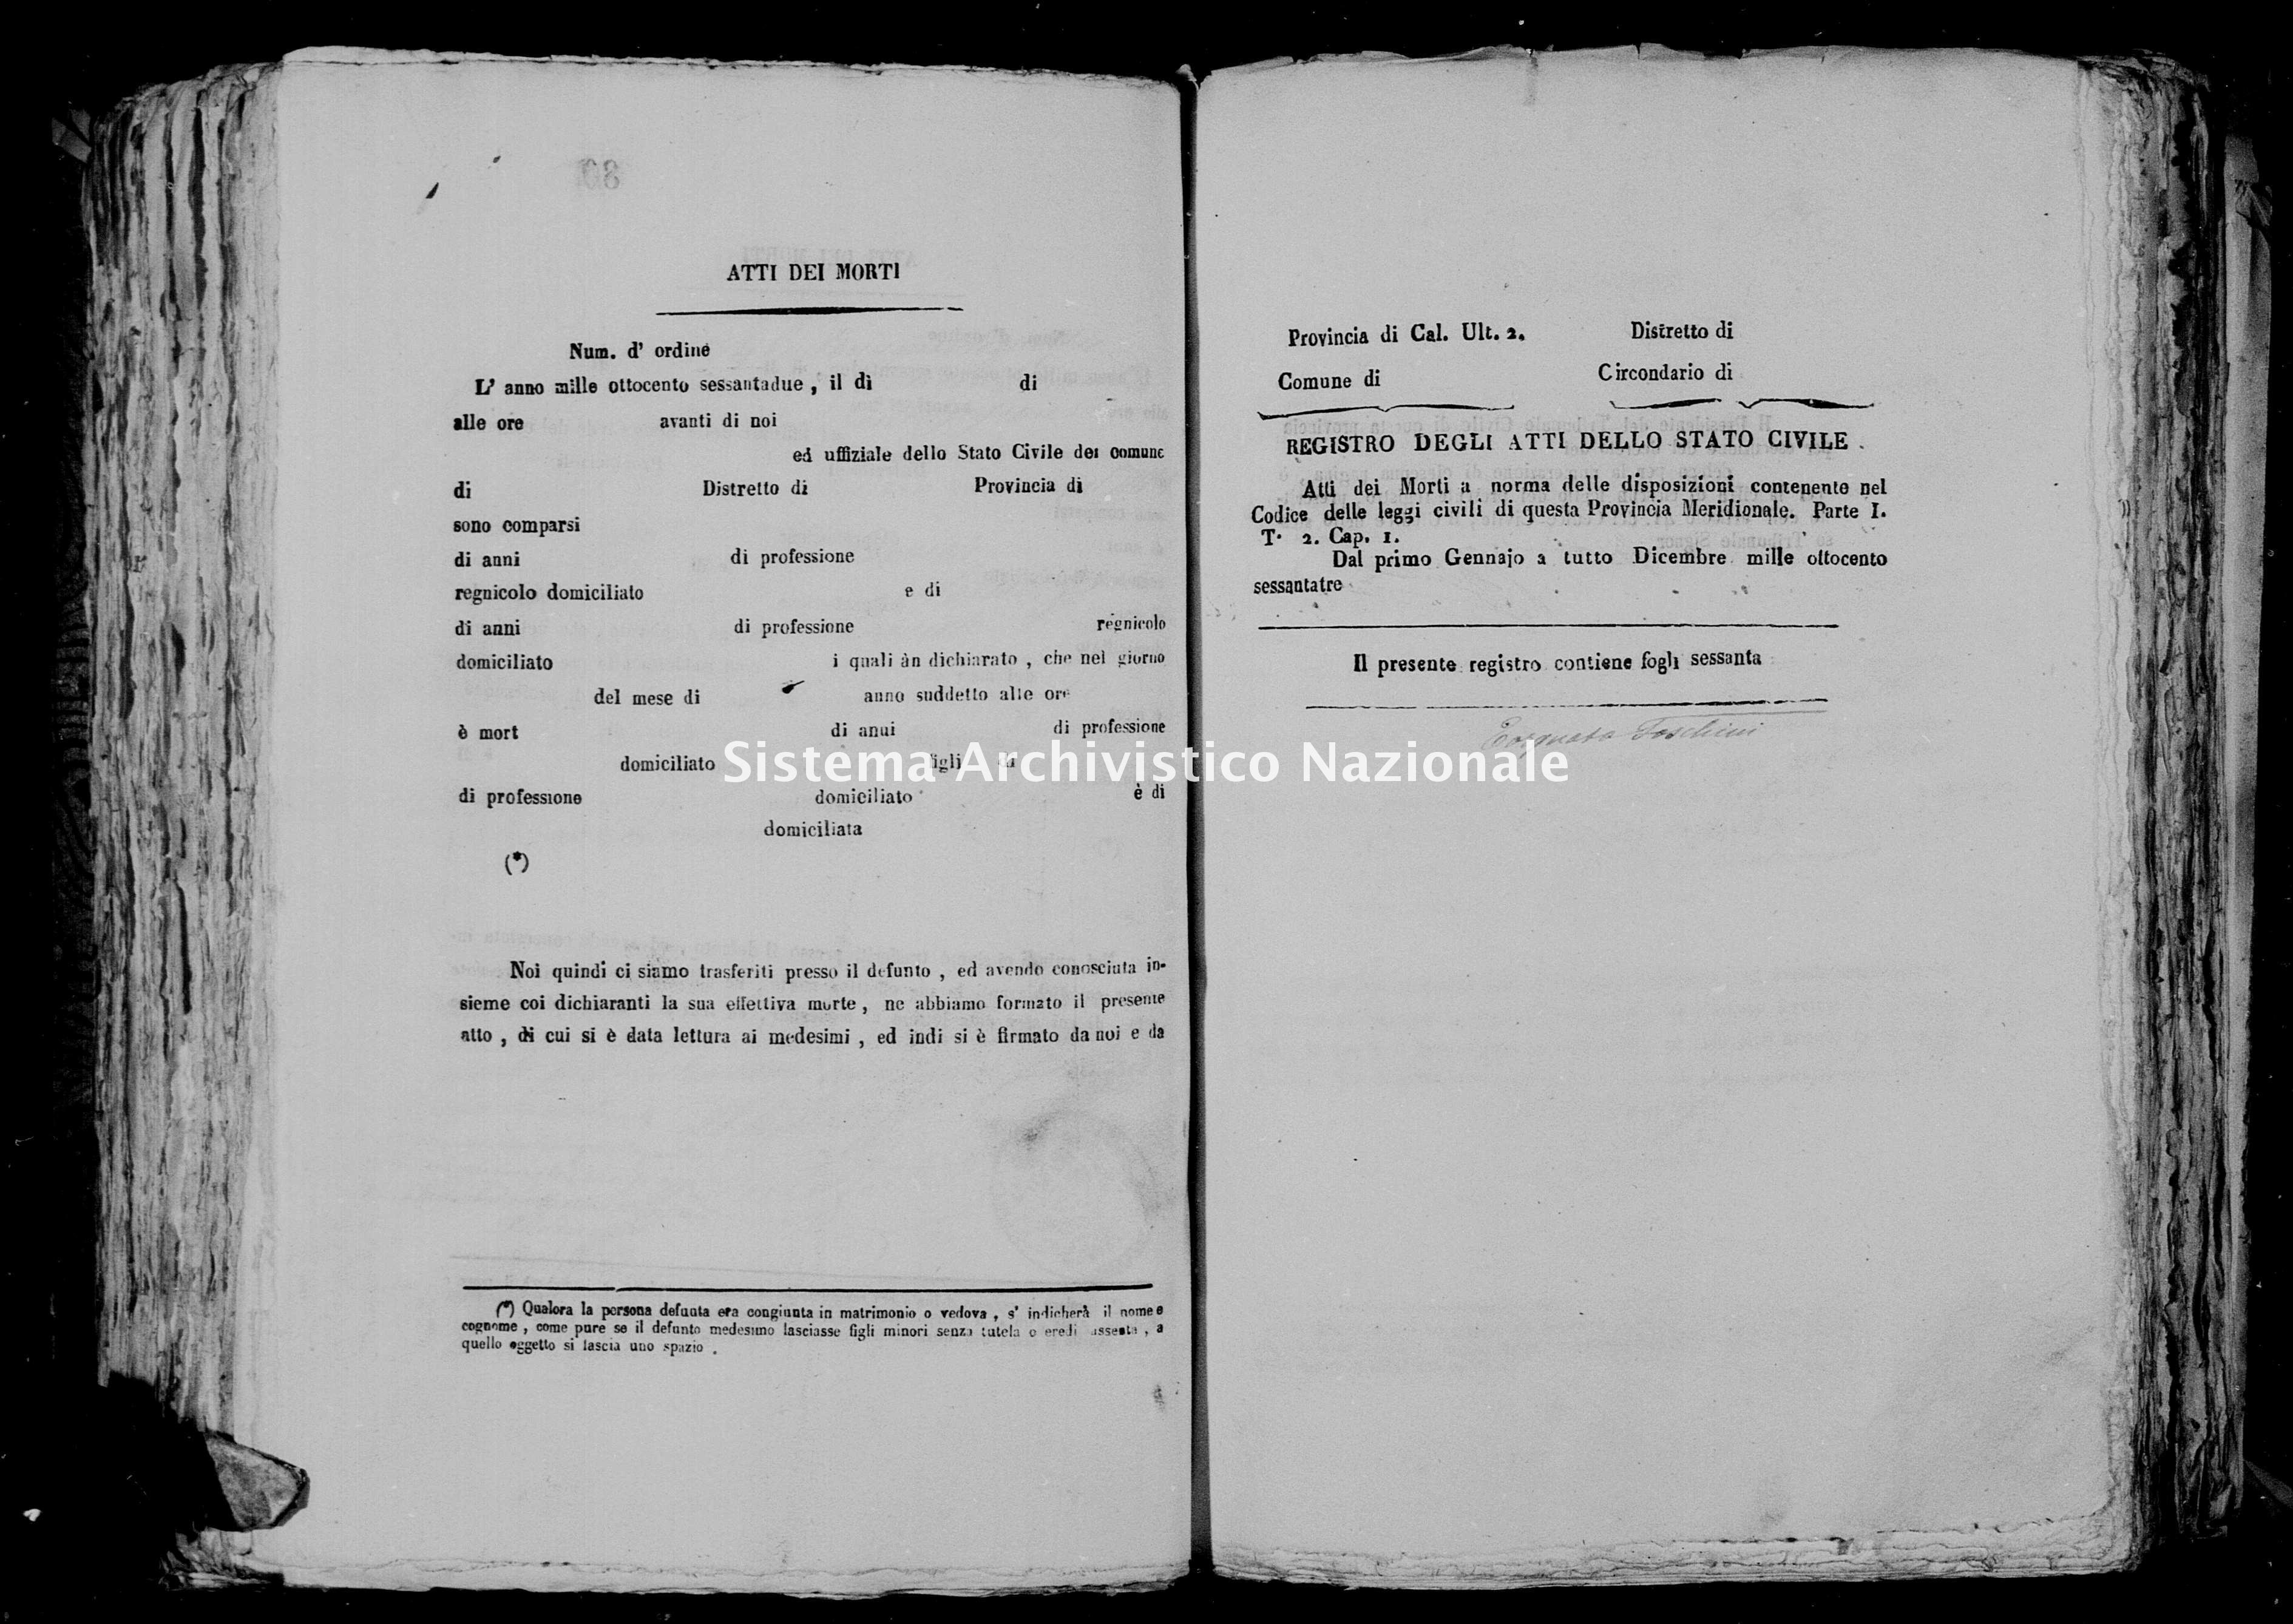 Archivio di stato di Catanzaro - Stato civile italiano - Girifalco - Morti - 1863 - 1339 -